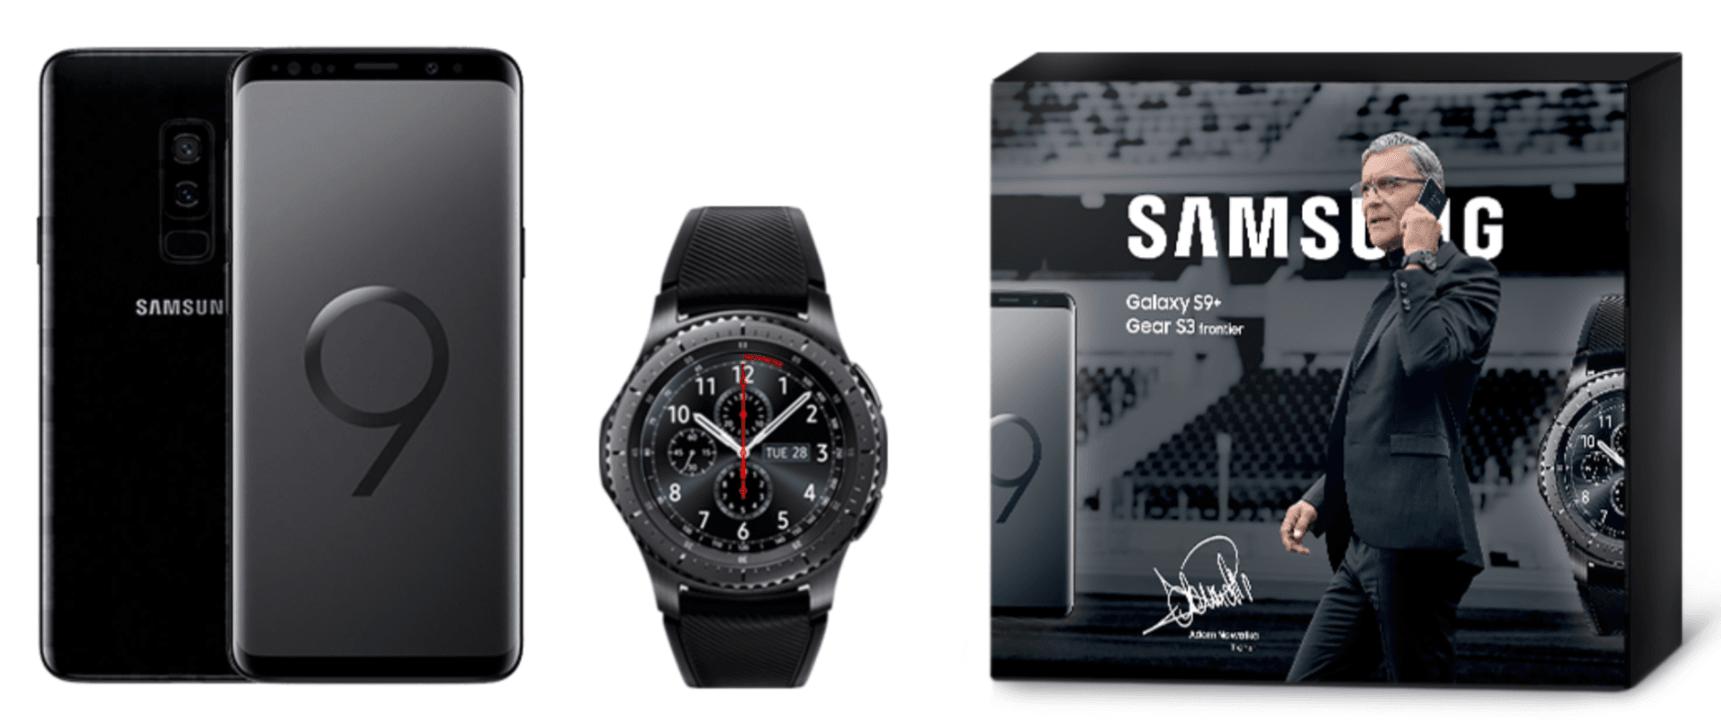 Tabletowo.pl W zestawie taniej niż osobno: Samsung Galaxy S9+ ze smartwatchem Gear S3 Frontier Promocje Samsung Smartfony Wearable